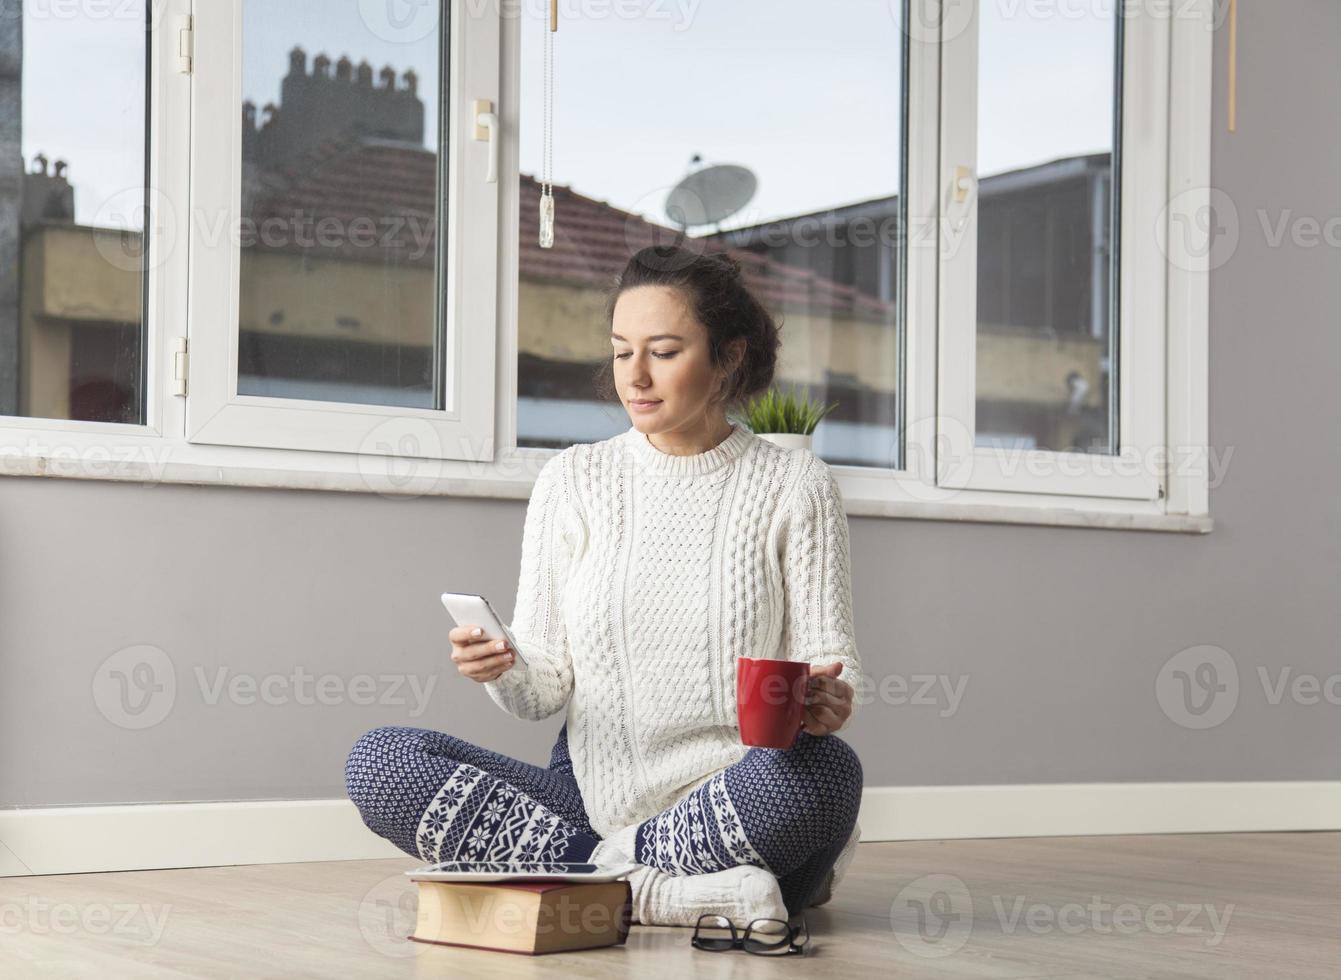 giovane donna che invia messaggio di testo foto